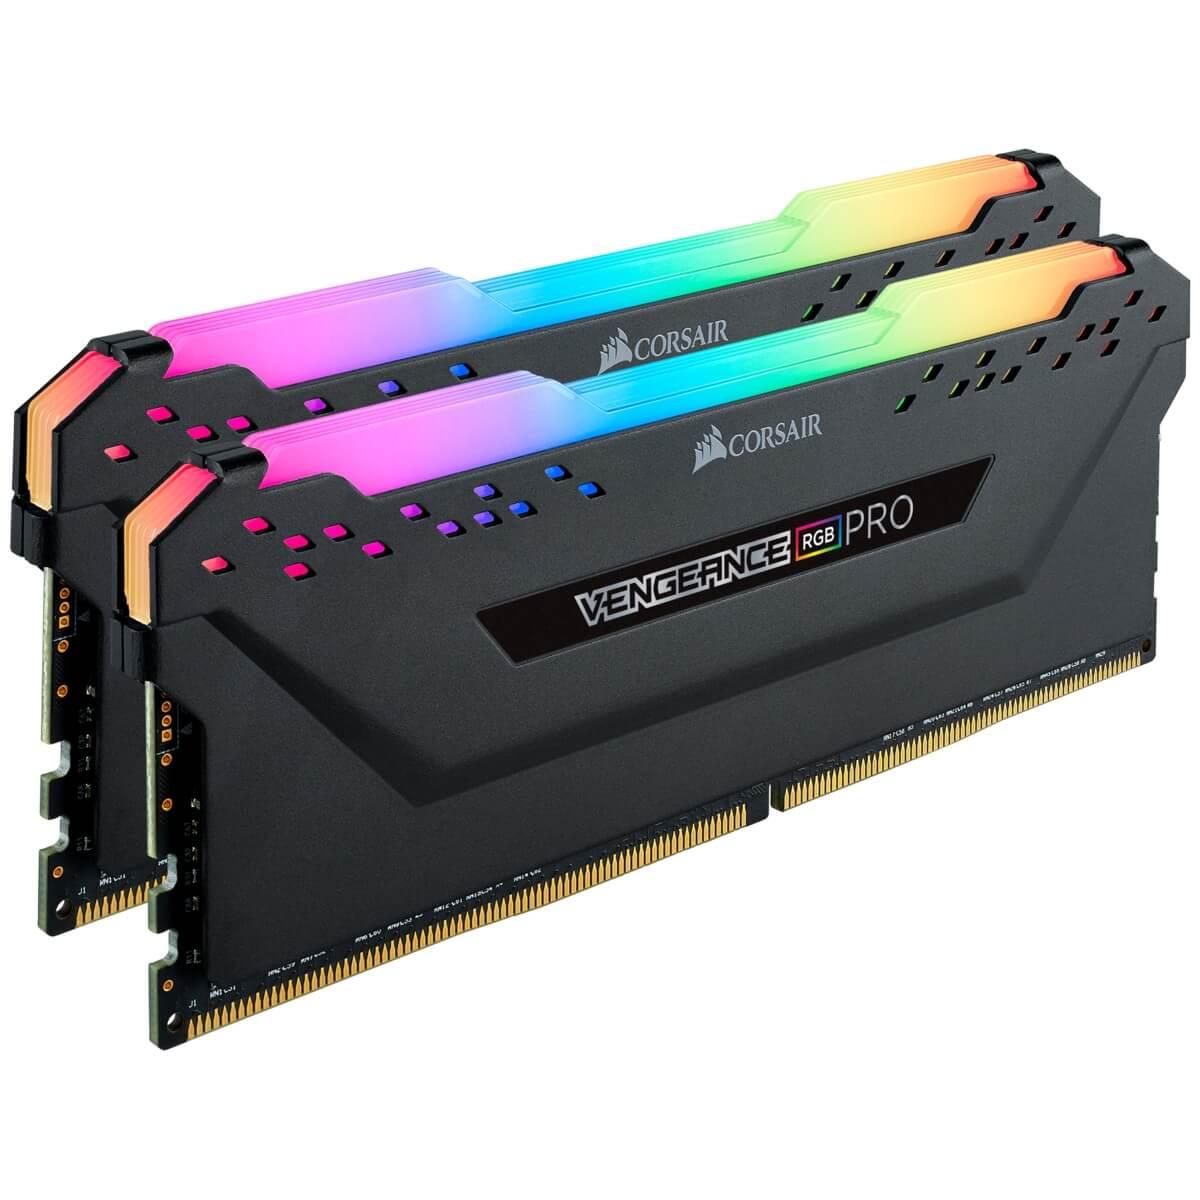 Bộ nhớ RAM máy tính CORSAIR Vengeance RGB Pro CMW16GX4M2E3200C16 (2x8GB) DDR4 3200MHz